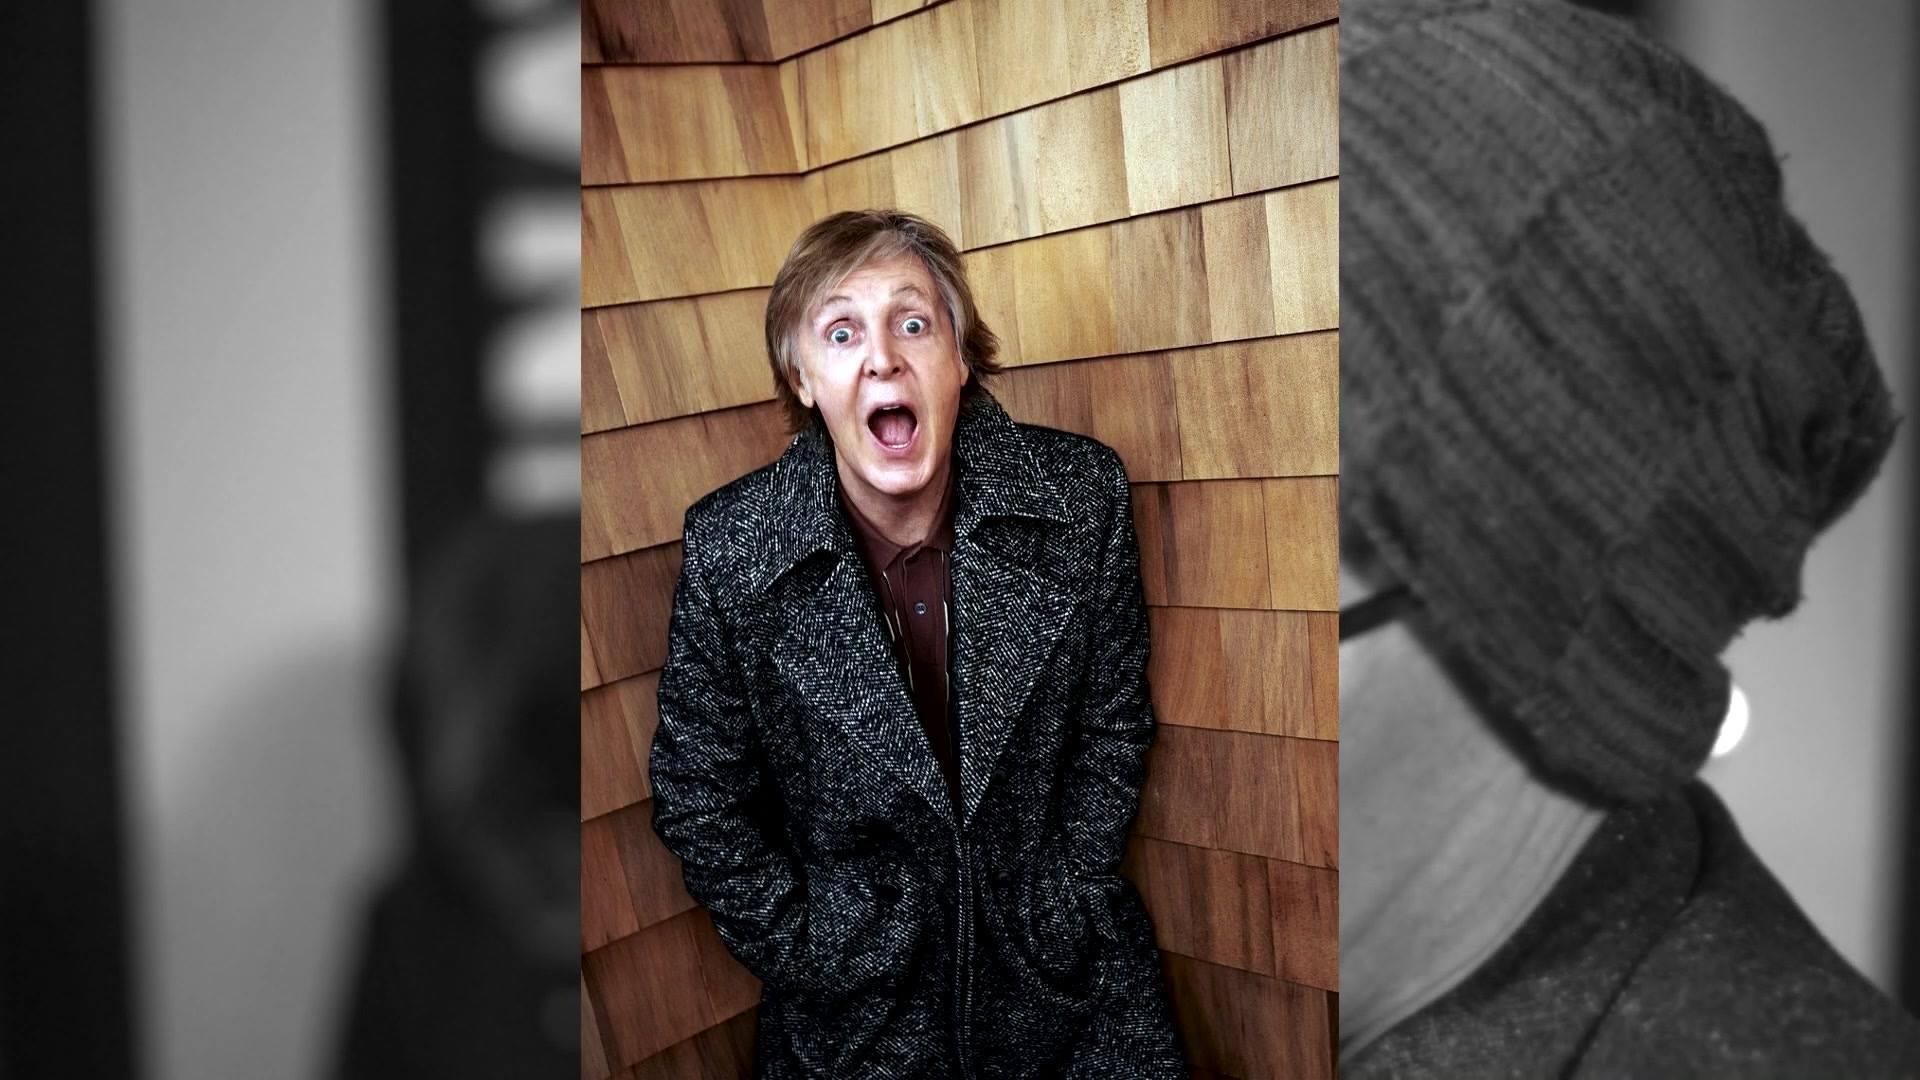 25 октября на Радио JAZZ будем слушать The Beatles в джазе...  А этот анонс необычен - это песенка Это Юра Усольцев и я в субботу наиграли-напели Не студийно, без репетиций, просто так ___________________________________  25 октября 18:00 Радио JAZZ